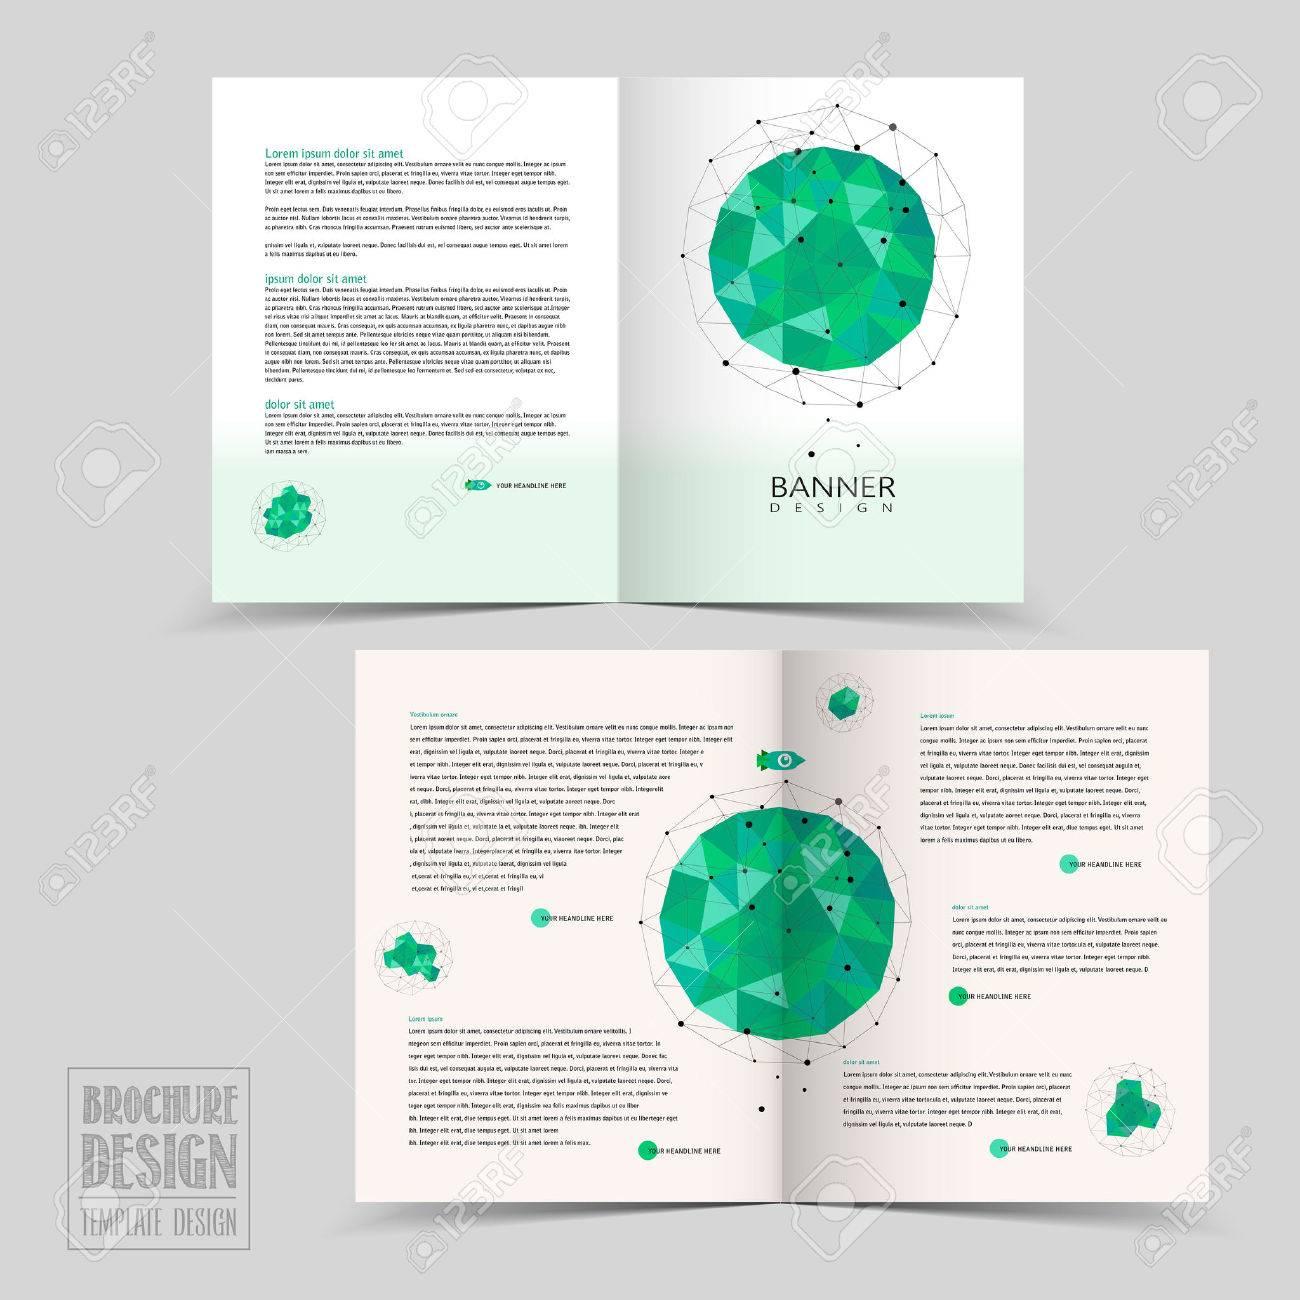 simplicity half fold brochure template design with geometric